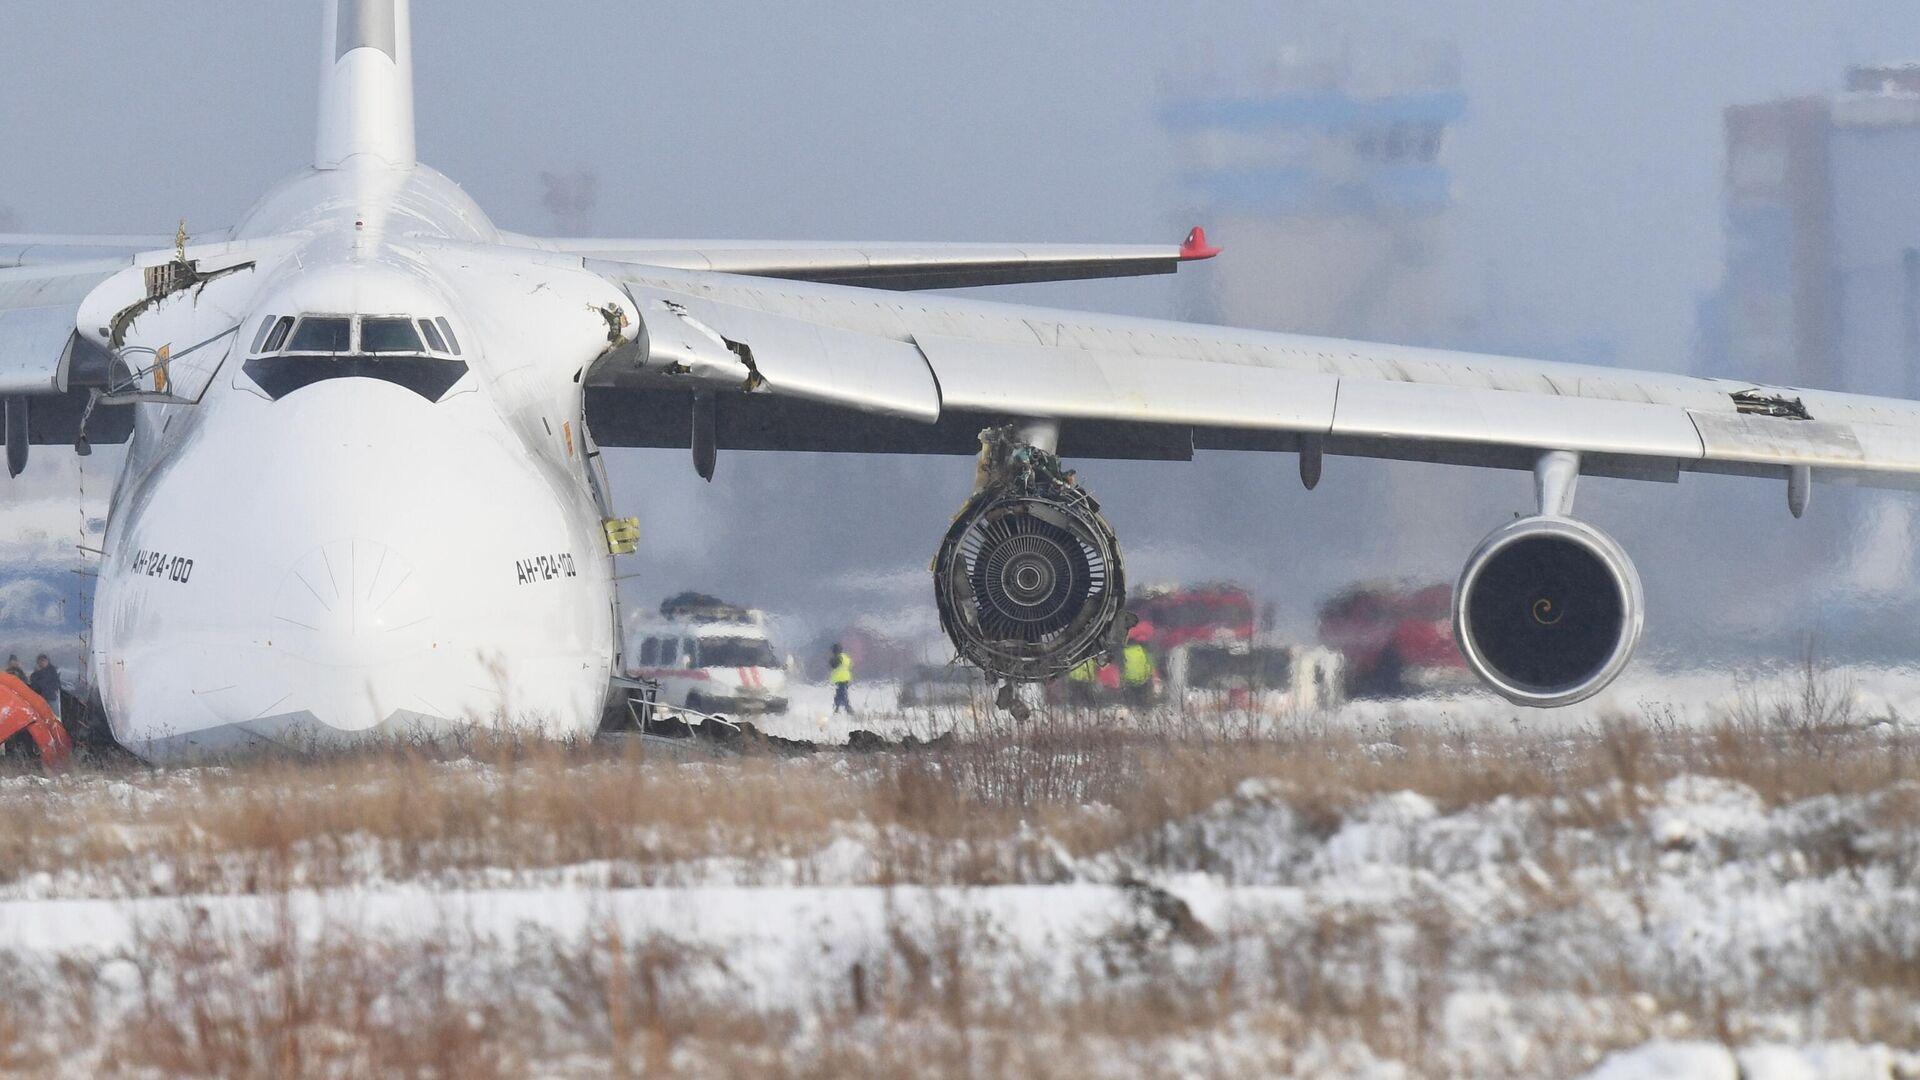 Самолет Ан-124 авиакомпании Волга-Днепр произвел вынужденную посадку из-за проблем с двигателем в новосибирском международном аэропорту Толмачево - РИА Новости, 1920, 13.11.2020